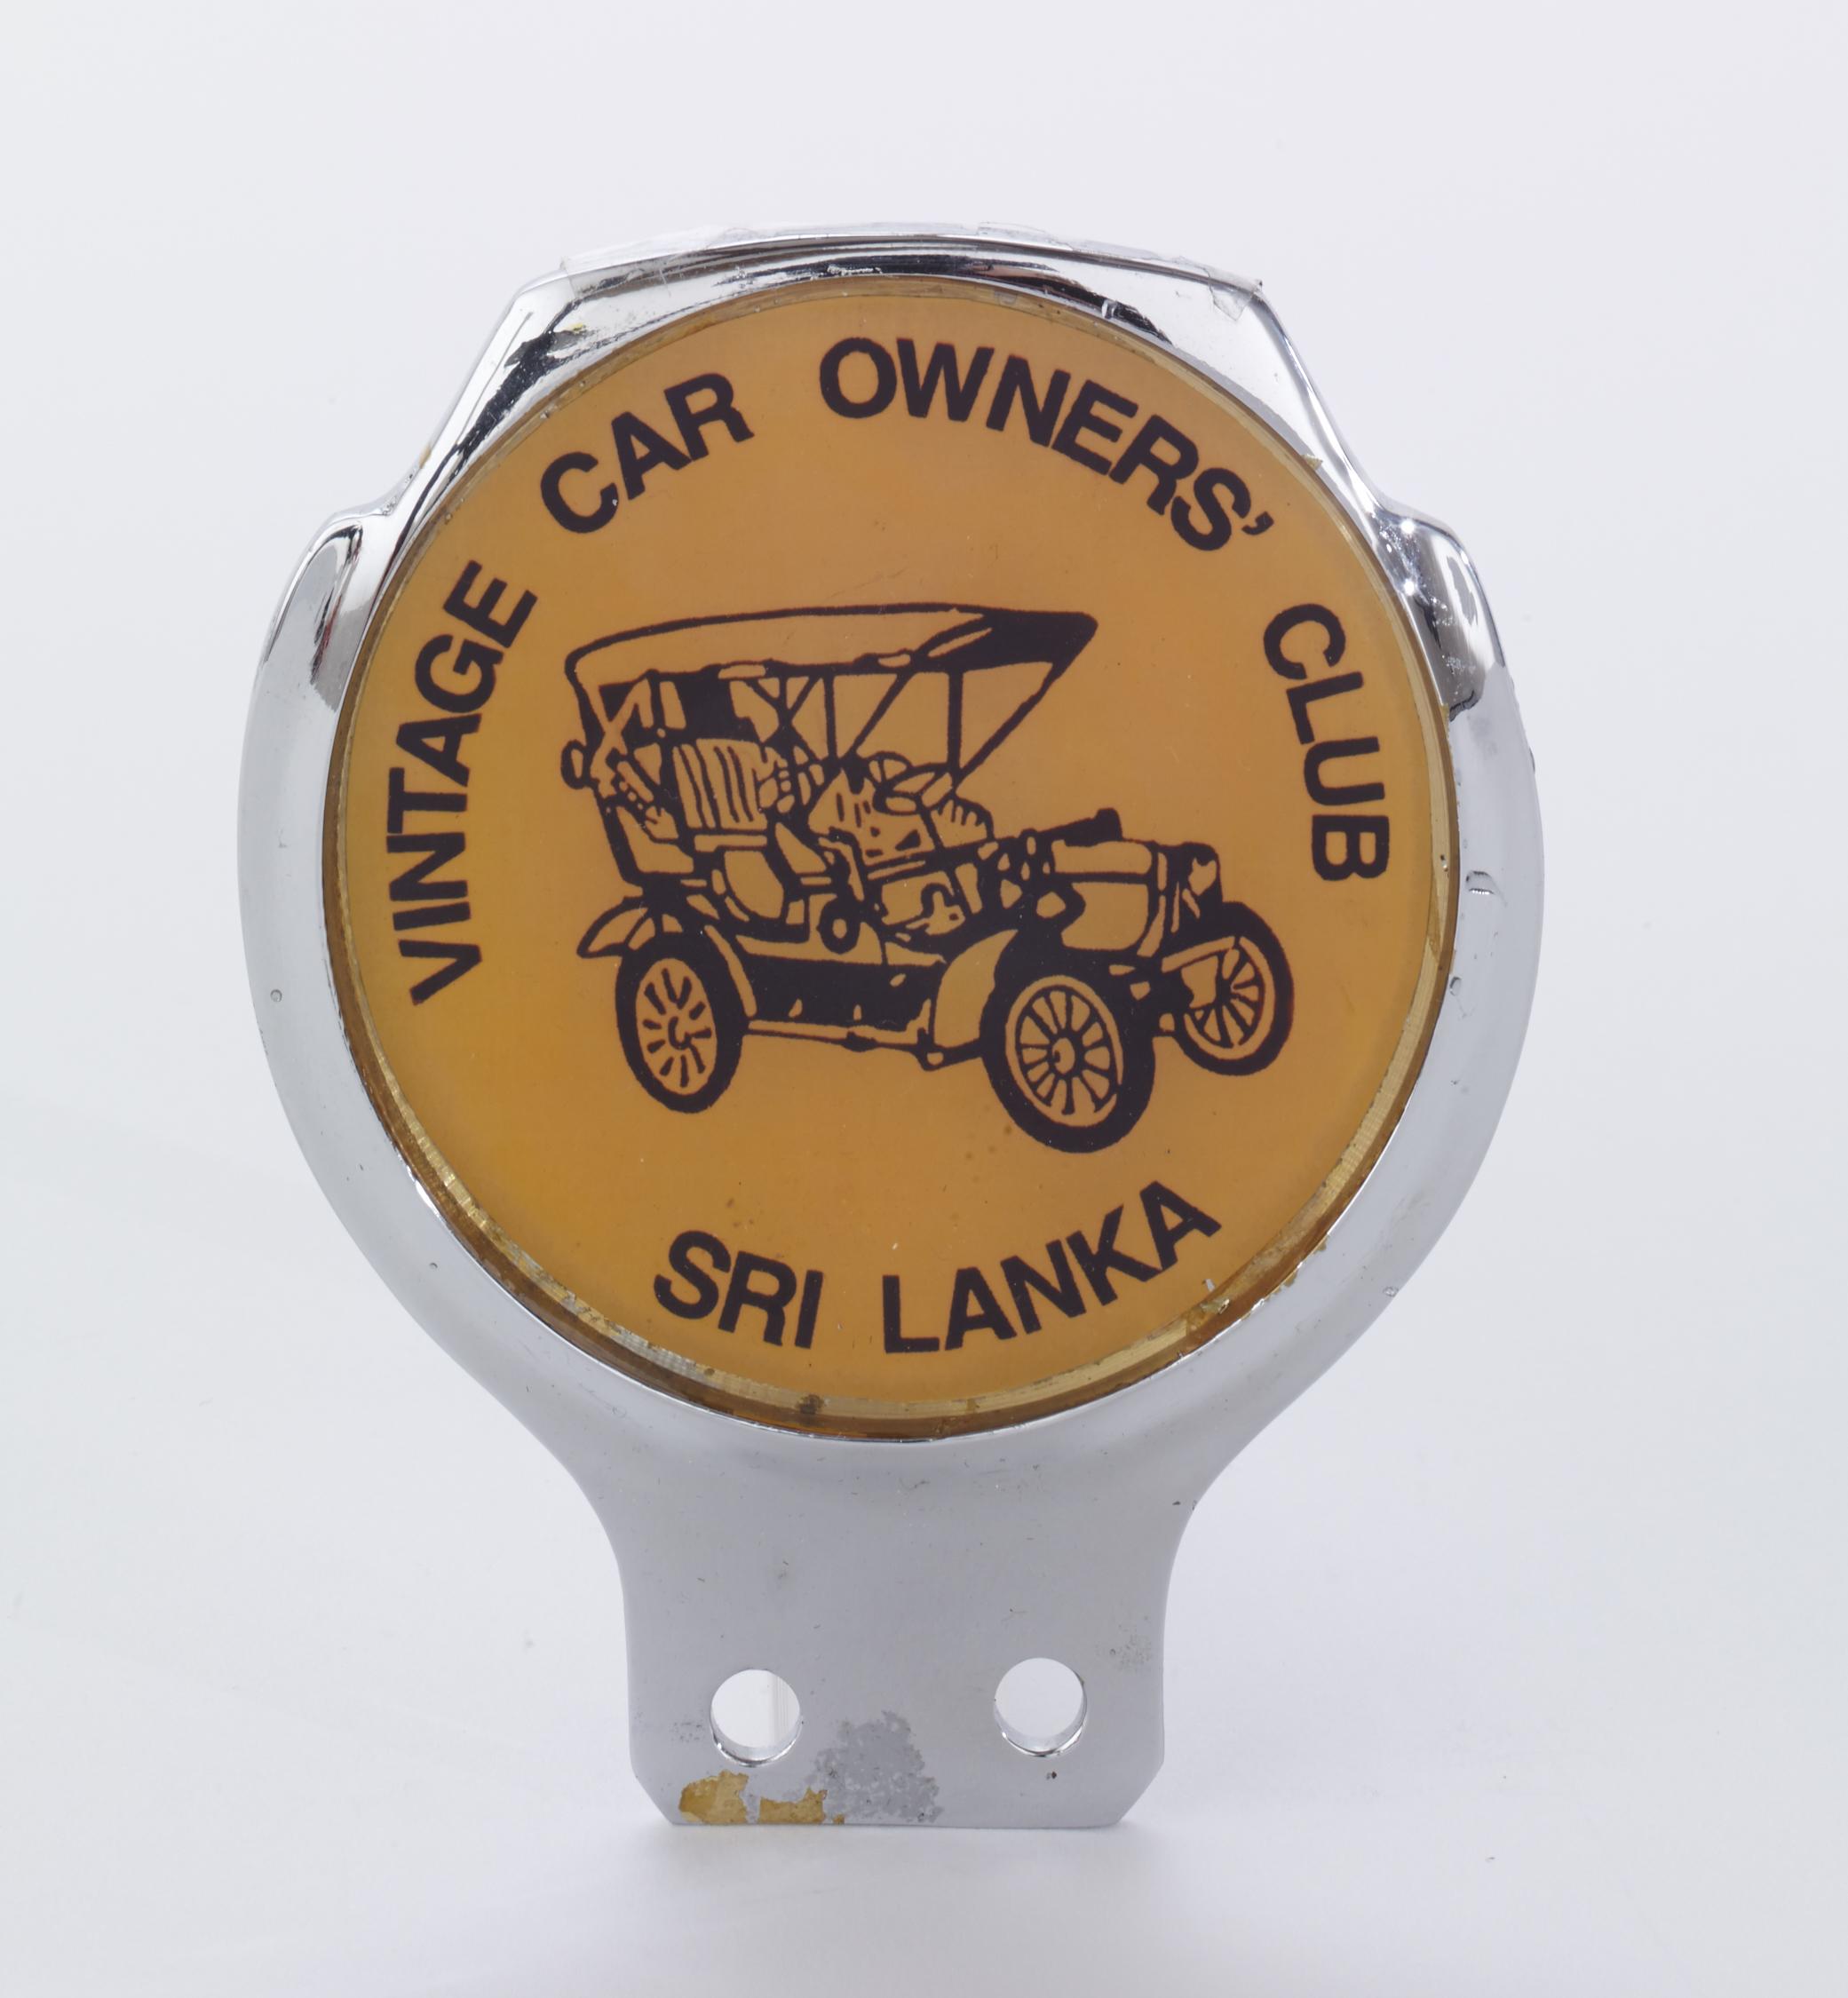 Vintage car owners club - Sri Lanka Image